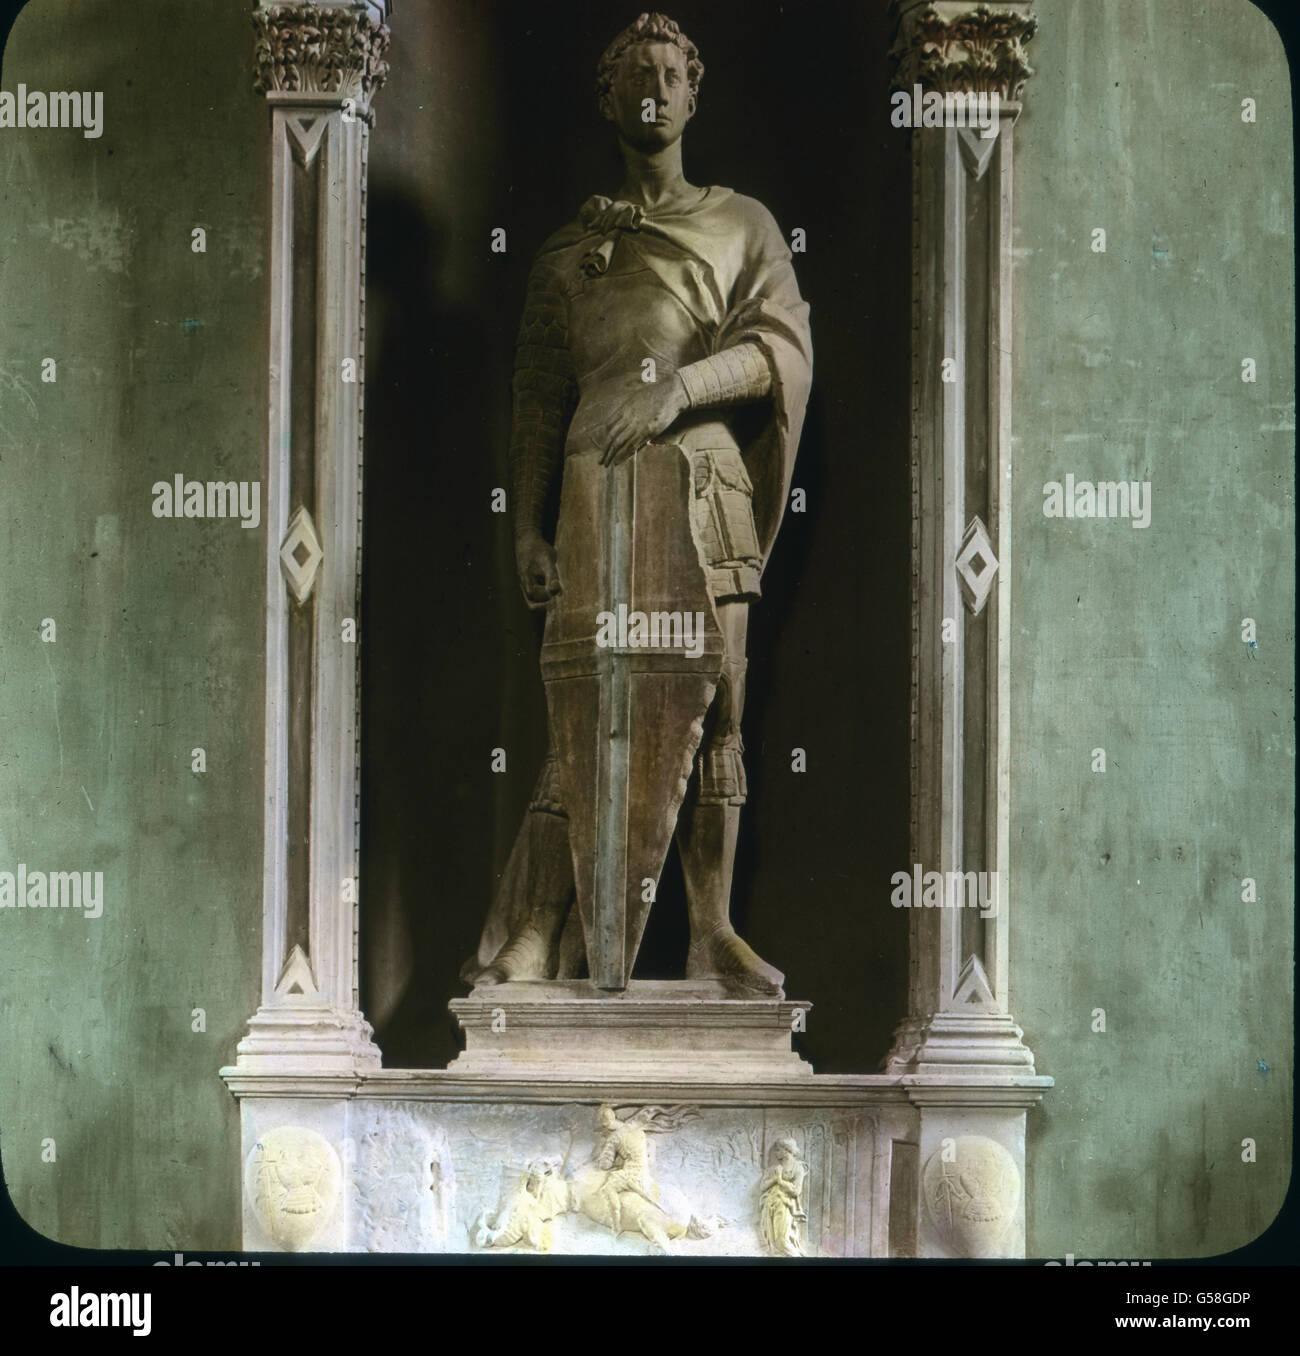 Die statua des Hl. Georg war früher außen un o san Michele angebracht, sie wurde 1416 geschaffen und zeigt Immagini Stock